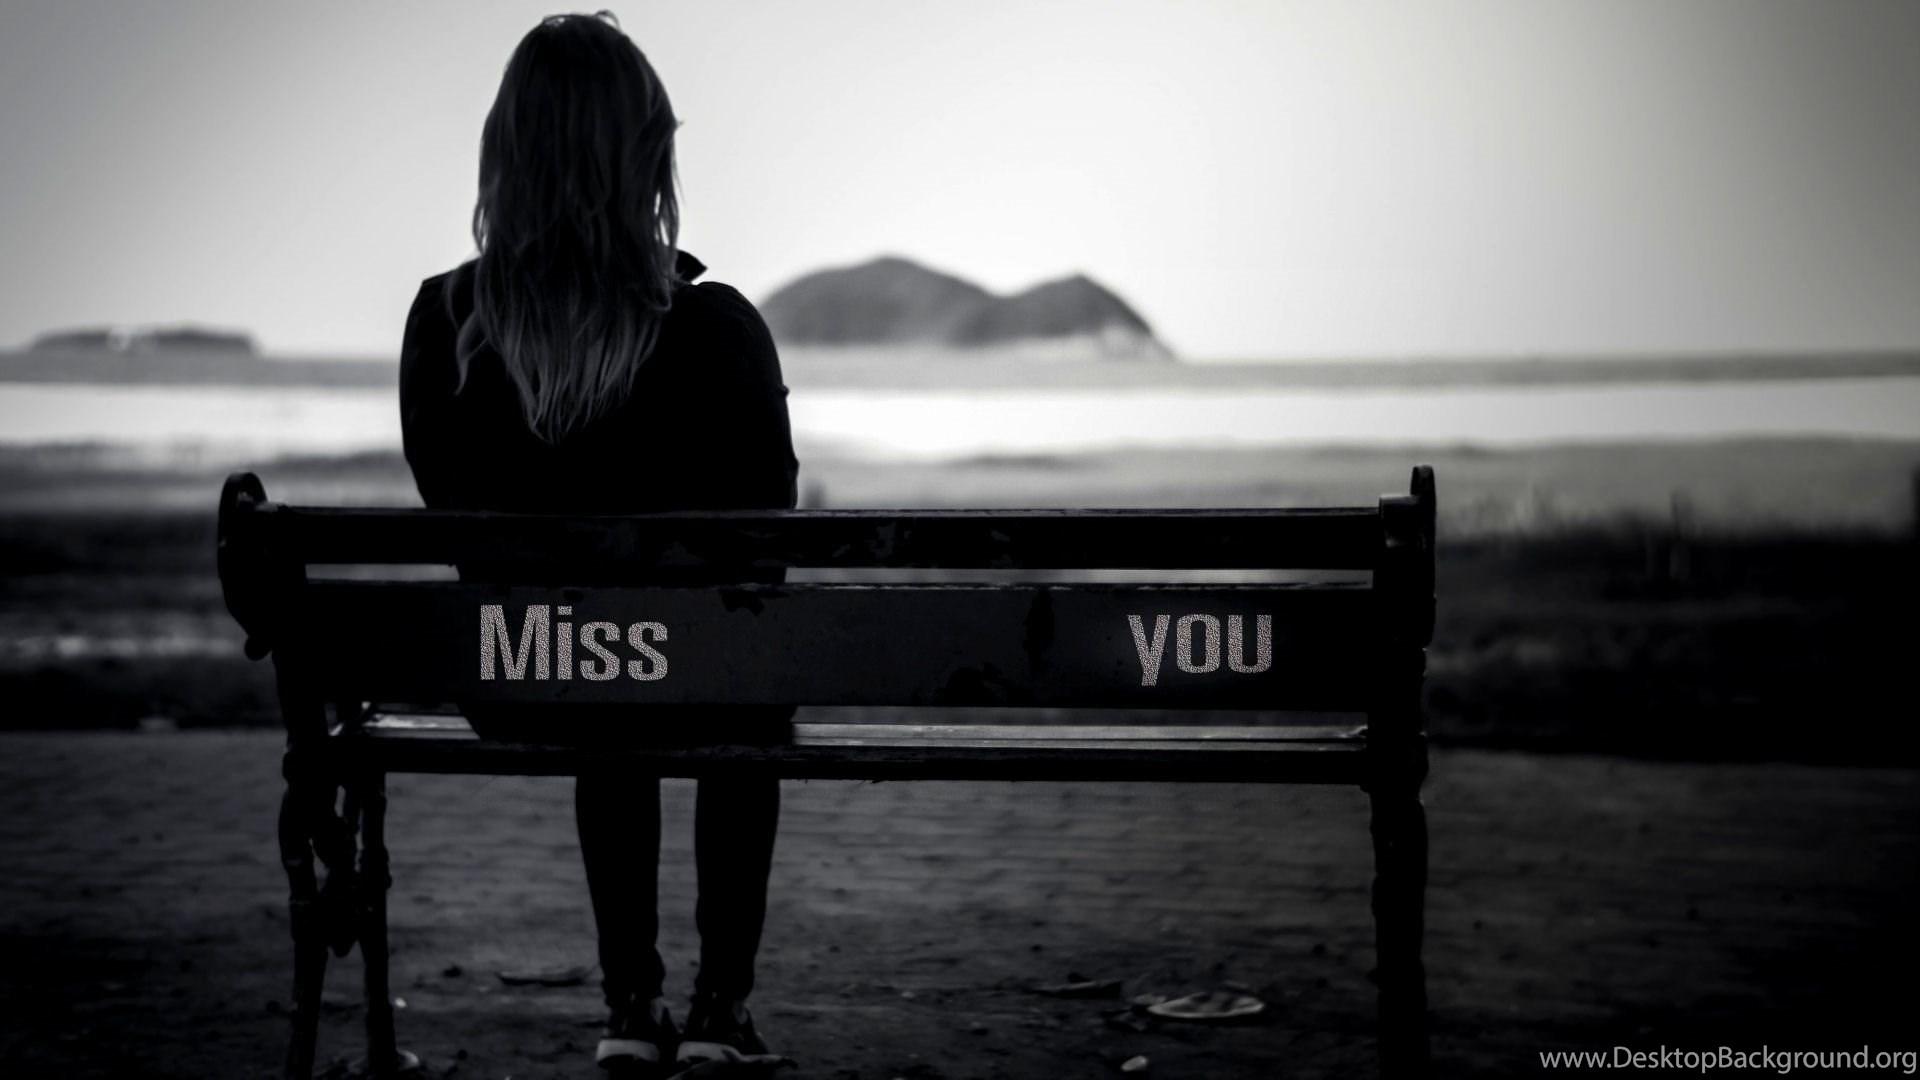 Alone Depression Sad Girl - HD Wallpaper